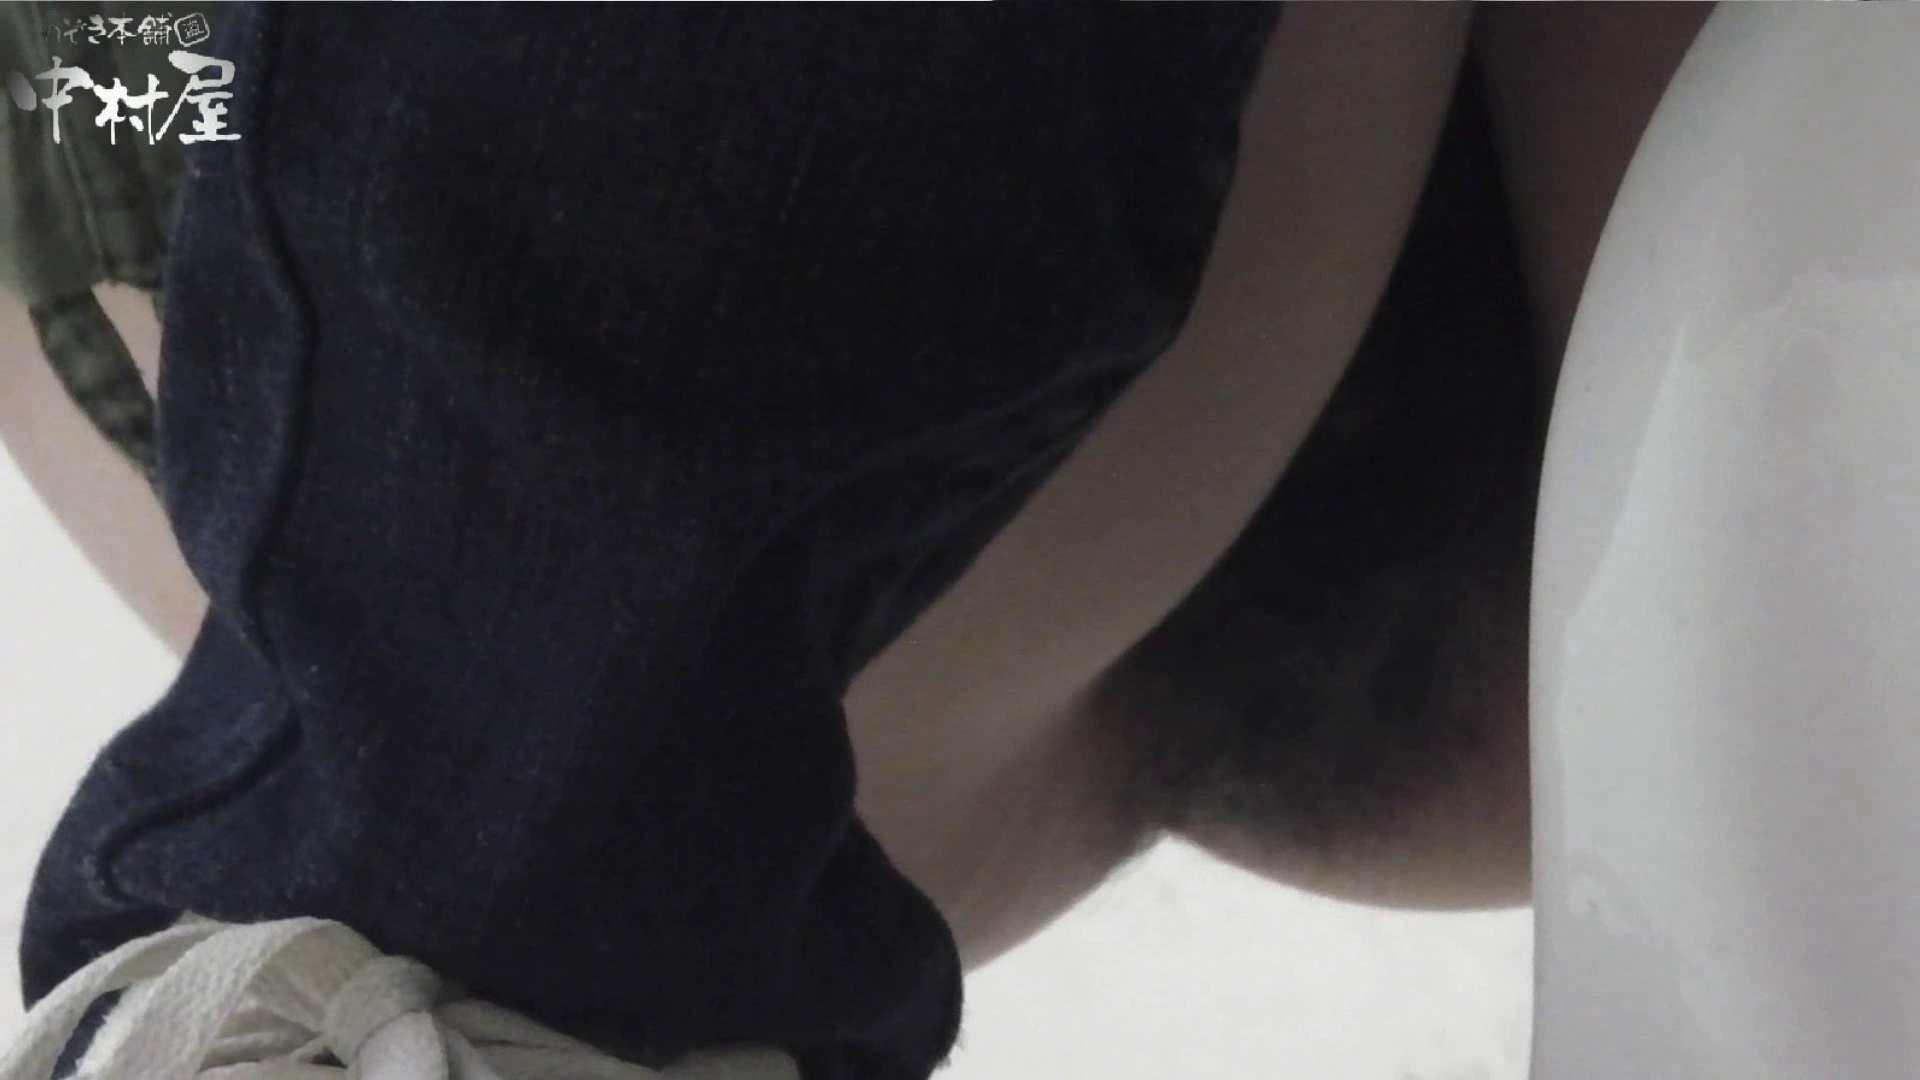 vol.25 命がけ潜伏洗面所! 咥えタオルは剛毛の証!?後編 プライベート セックス無修正動画無料 113PIX 80